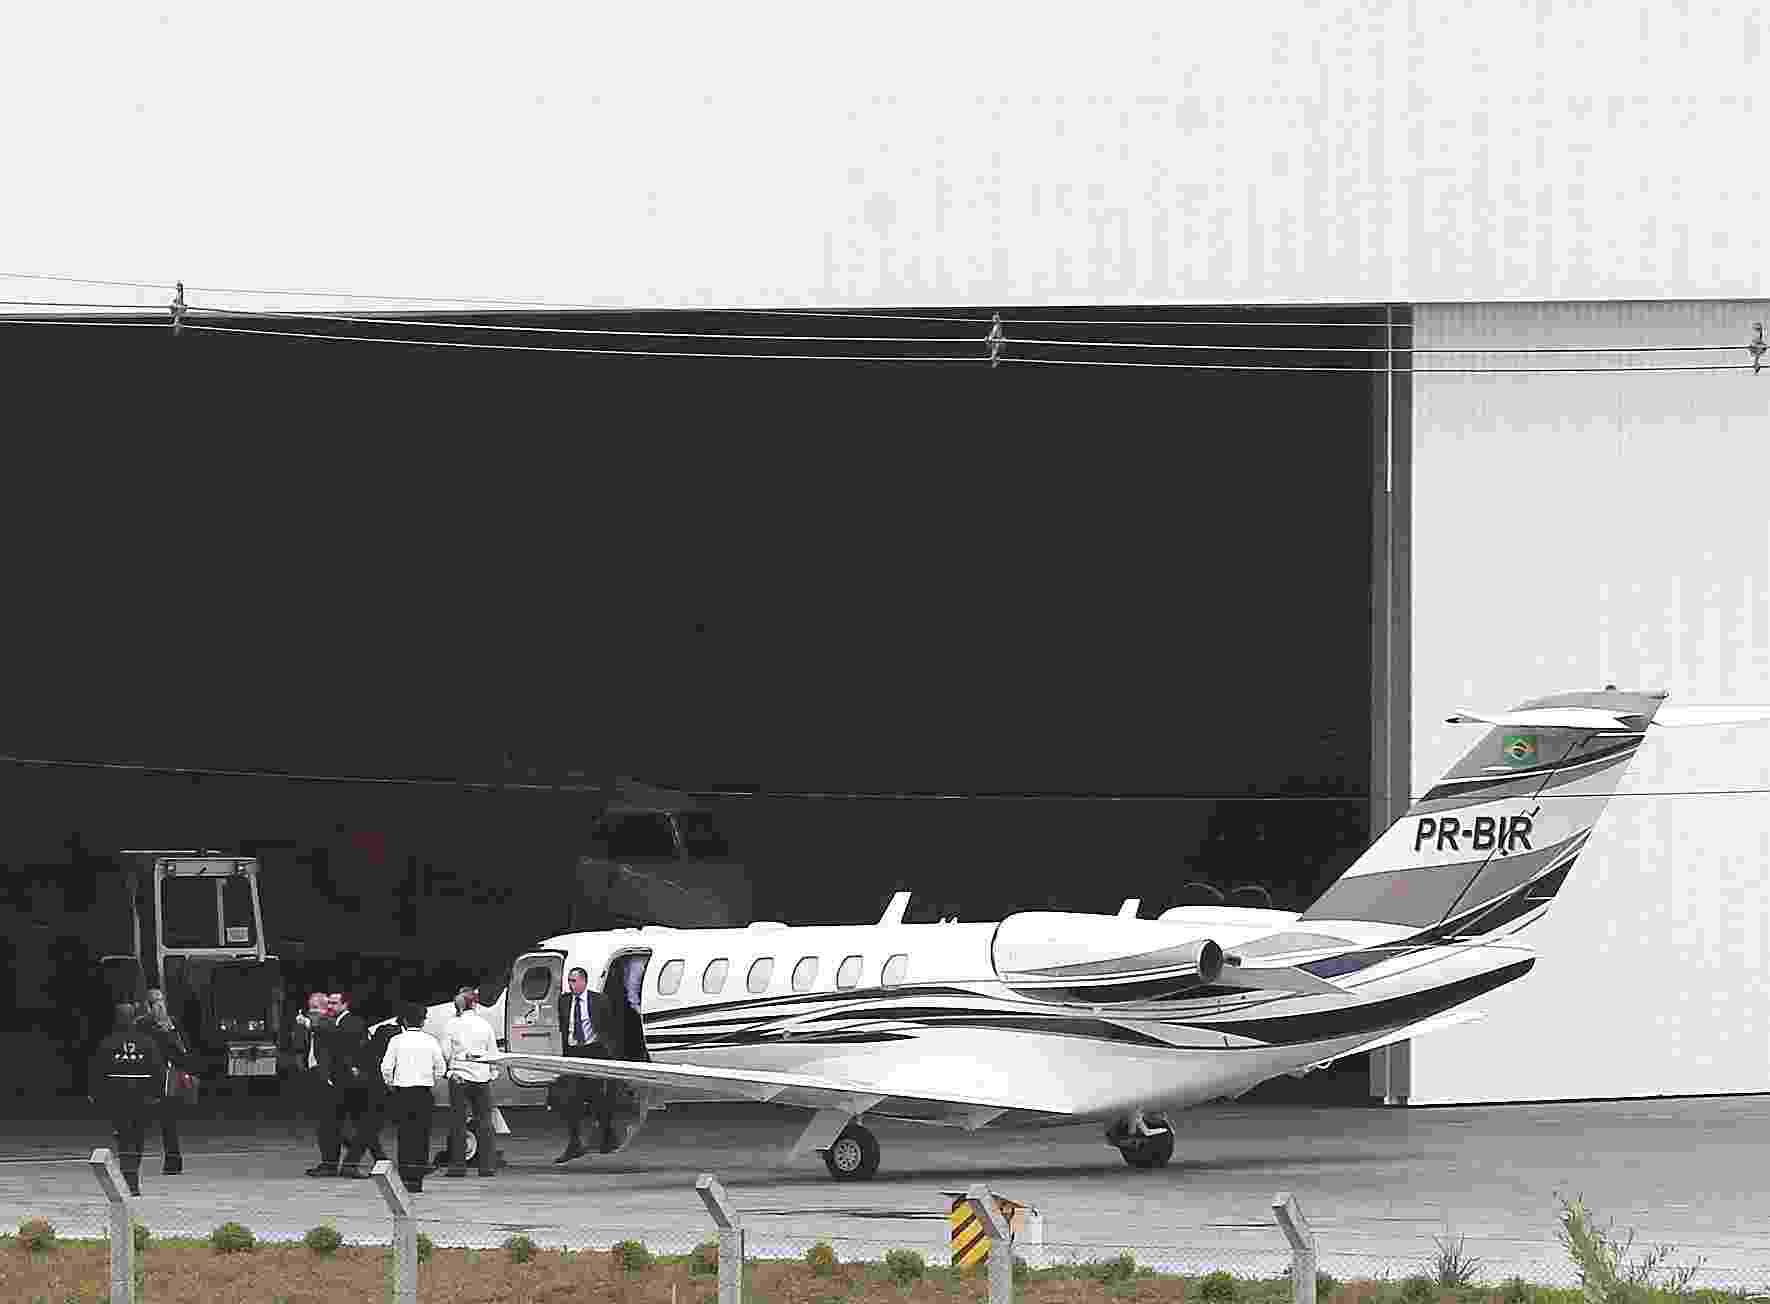 10.mai.2017 - O ex-presidente Luiz Inácio Lula da Silva desembarca no aeroporto Afonso Pena, em Curitiba. Lula irá prestar depoimento ao juiz Sérgio Moro em audiência da Operação Lava Jato sobre caso do tríplex no Guarujá. A ex-presidente Dilma Rousseff também já está em Curitiba vinda de Porto Alegre - Reuters